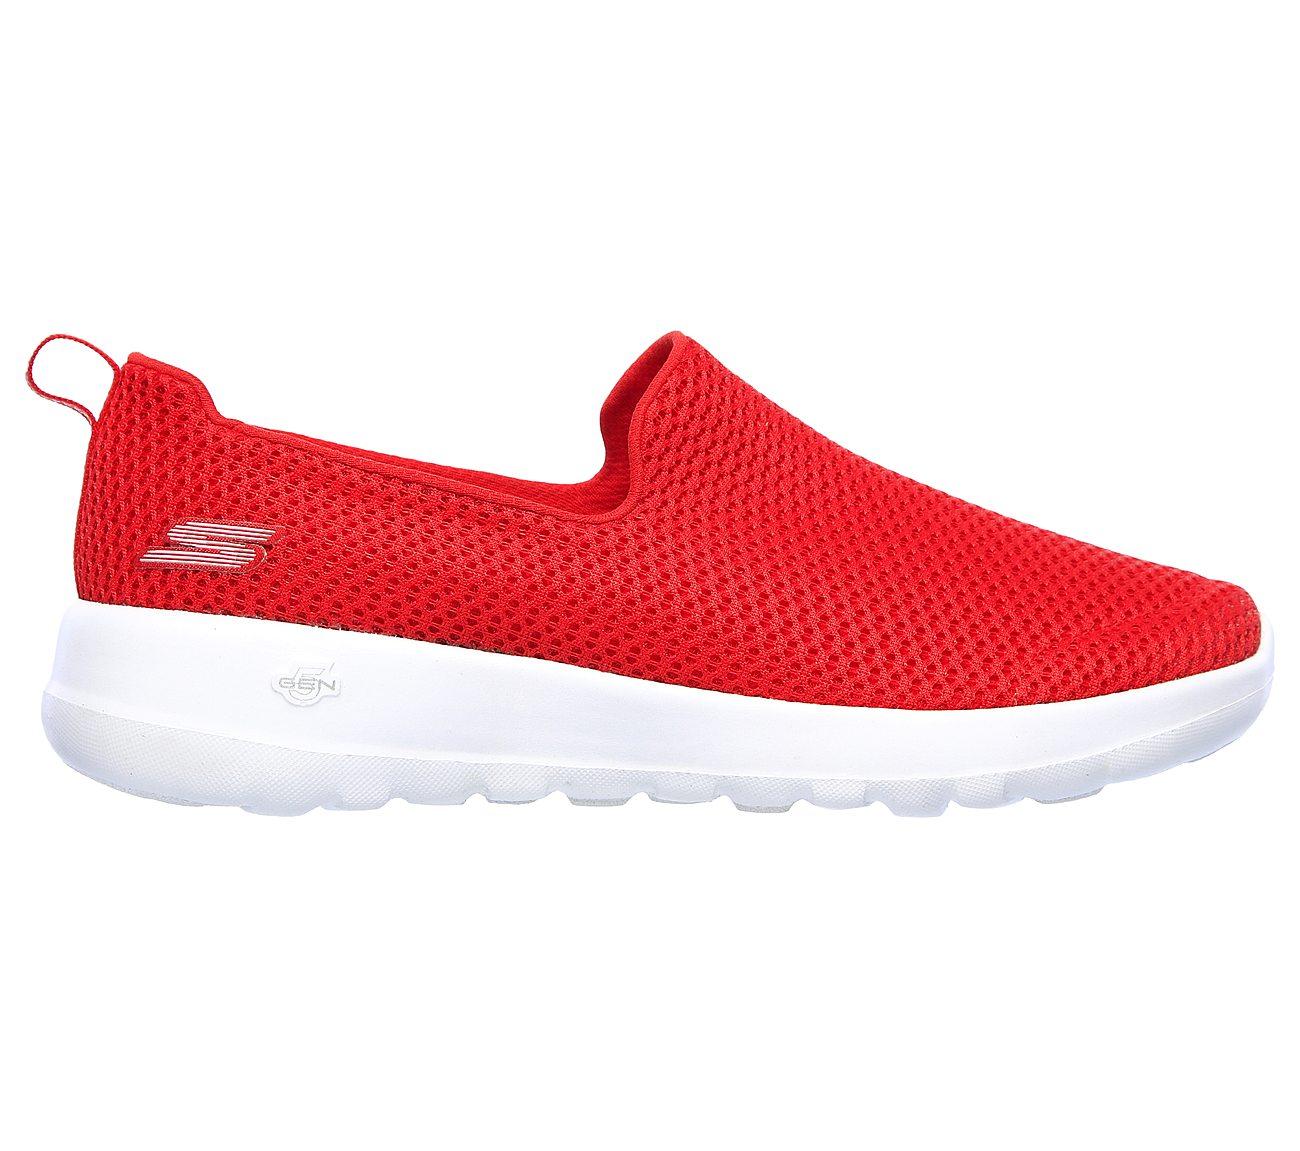 d36f89a48e1 Buy SKECHERS Skechers GOwalk Joy Skechers Performance Shoes only  60.00